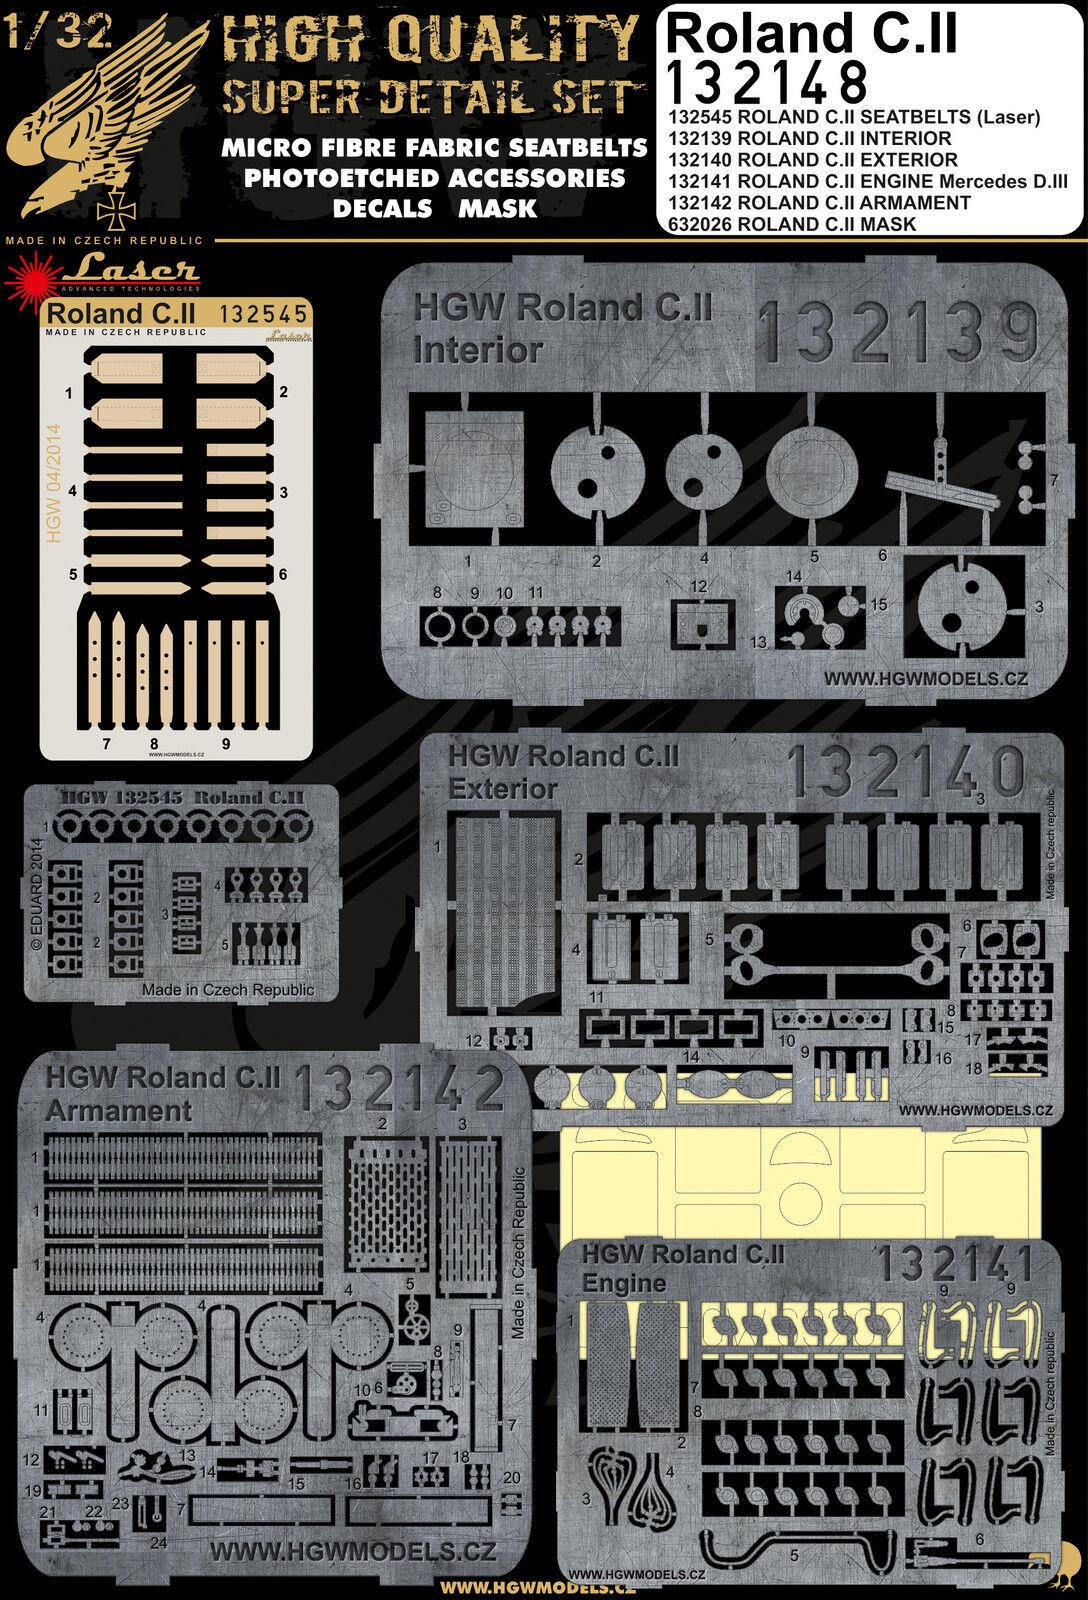 132148 HGW Super Detail set - Roland C.II 1 32